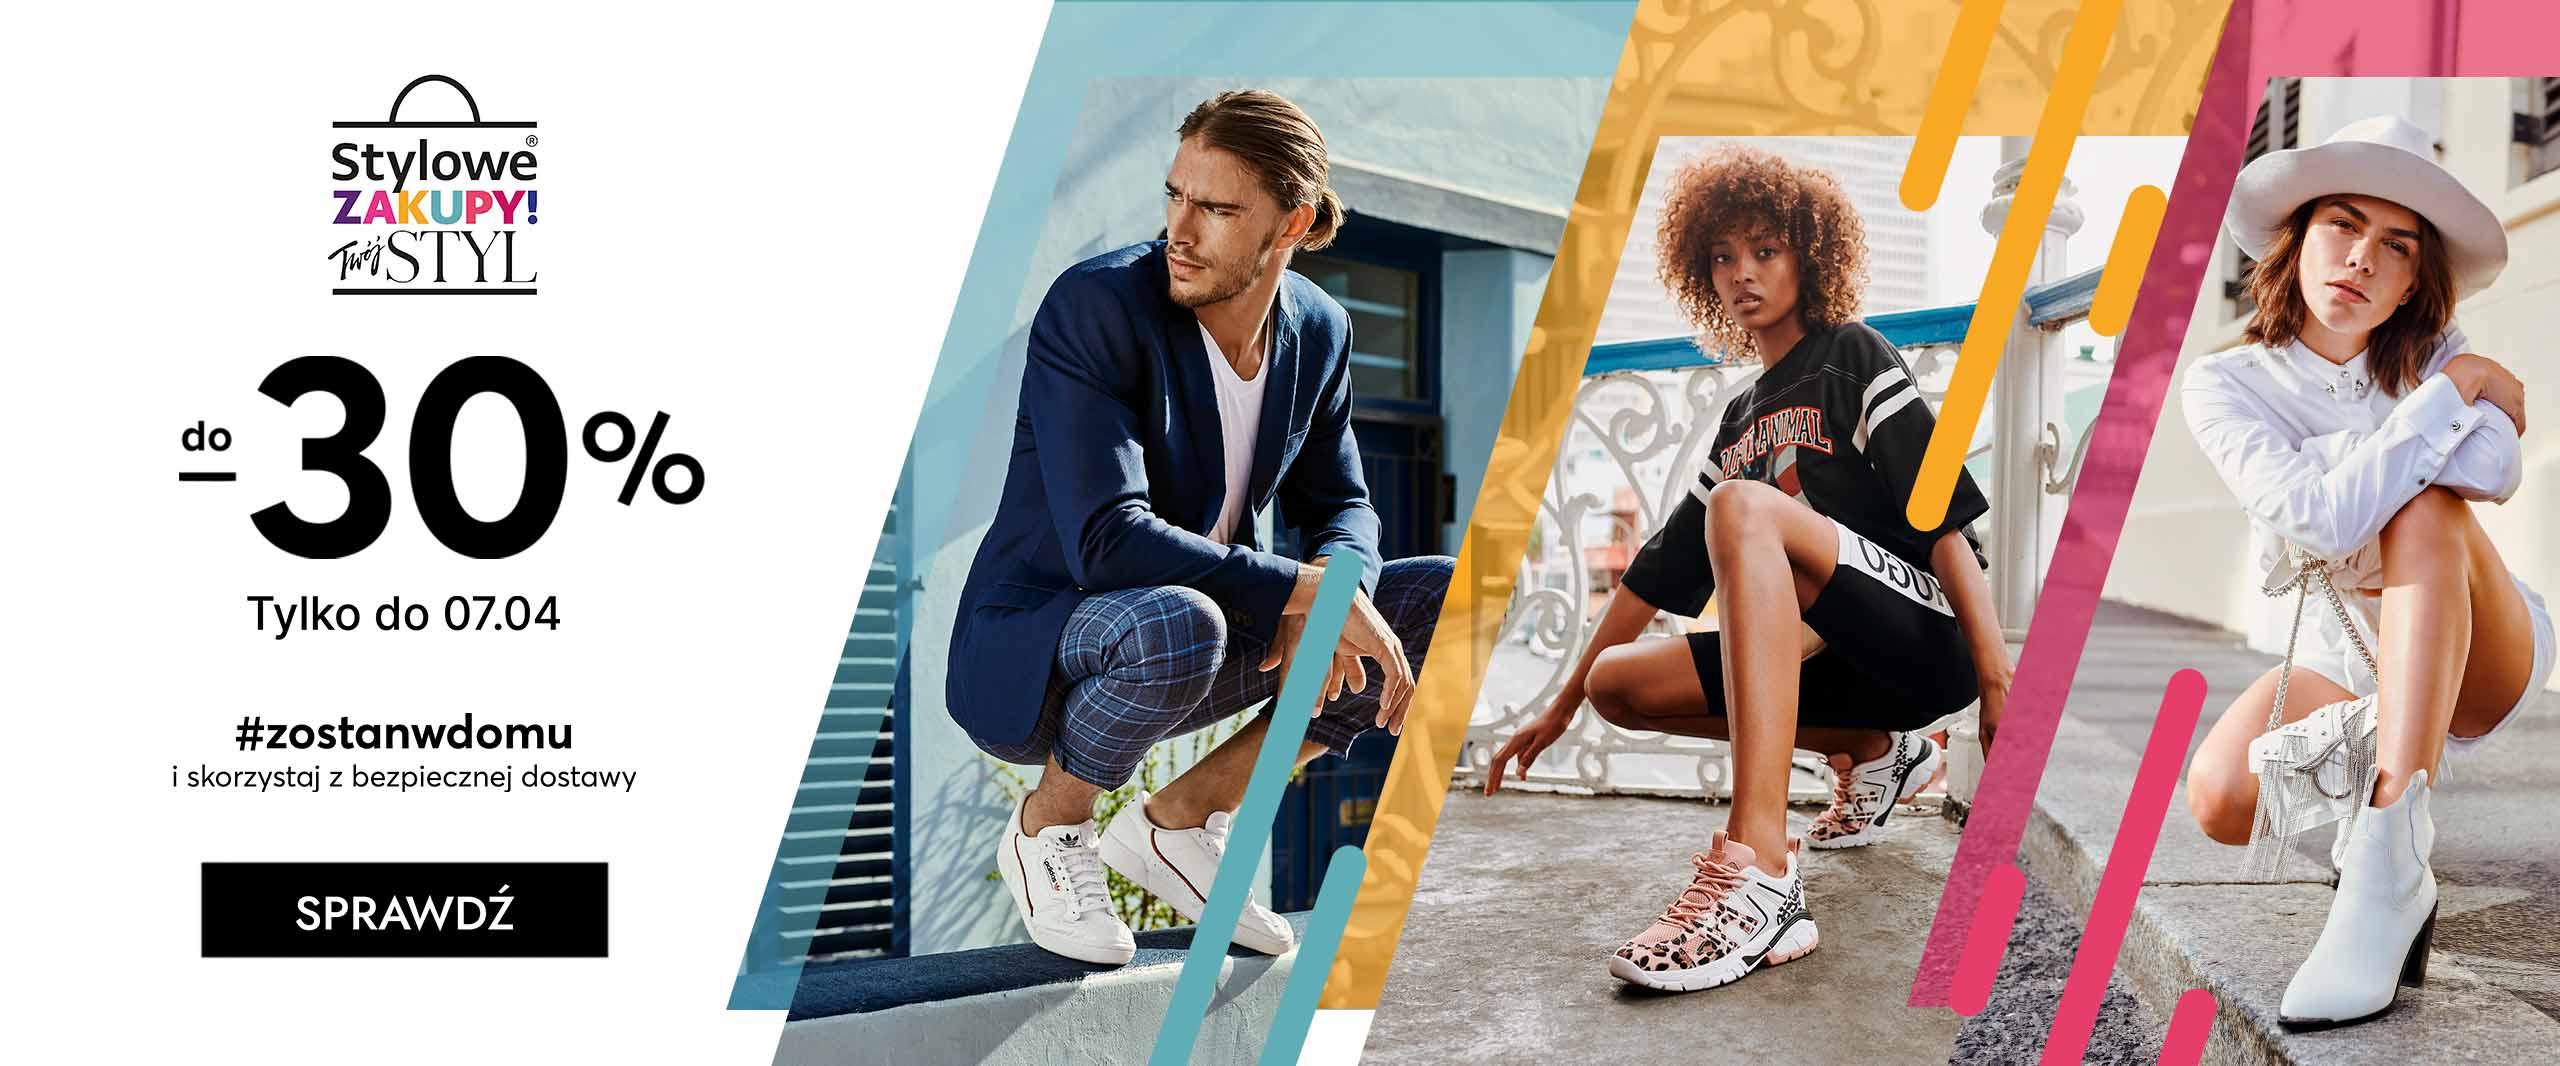 Eobuwie: Stylowe Zakupy do 30% zniżki na obuwie damskie, męskie i dziecięce, akcesoria i torebki                         title=